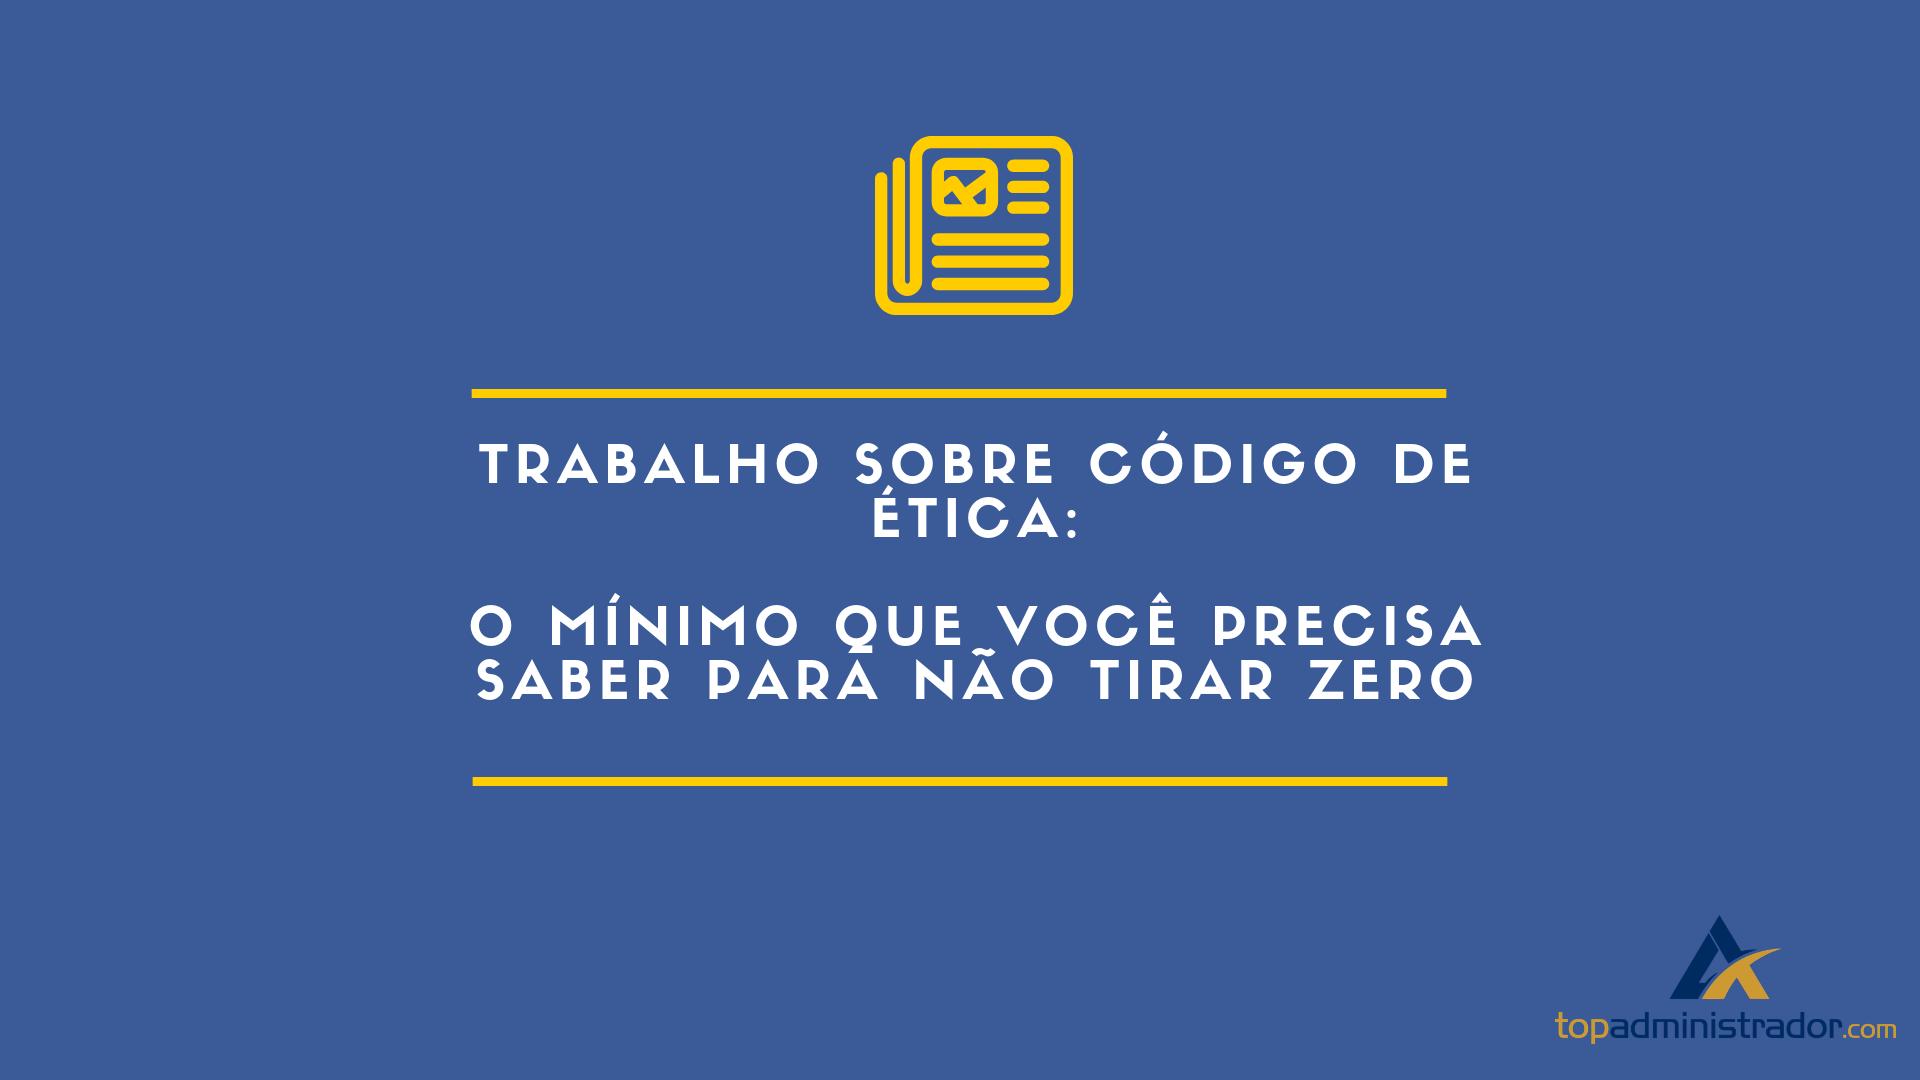 trabalho sobre código de ética dos administradores